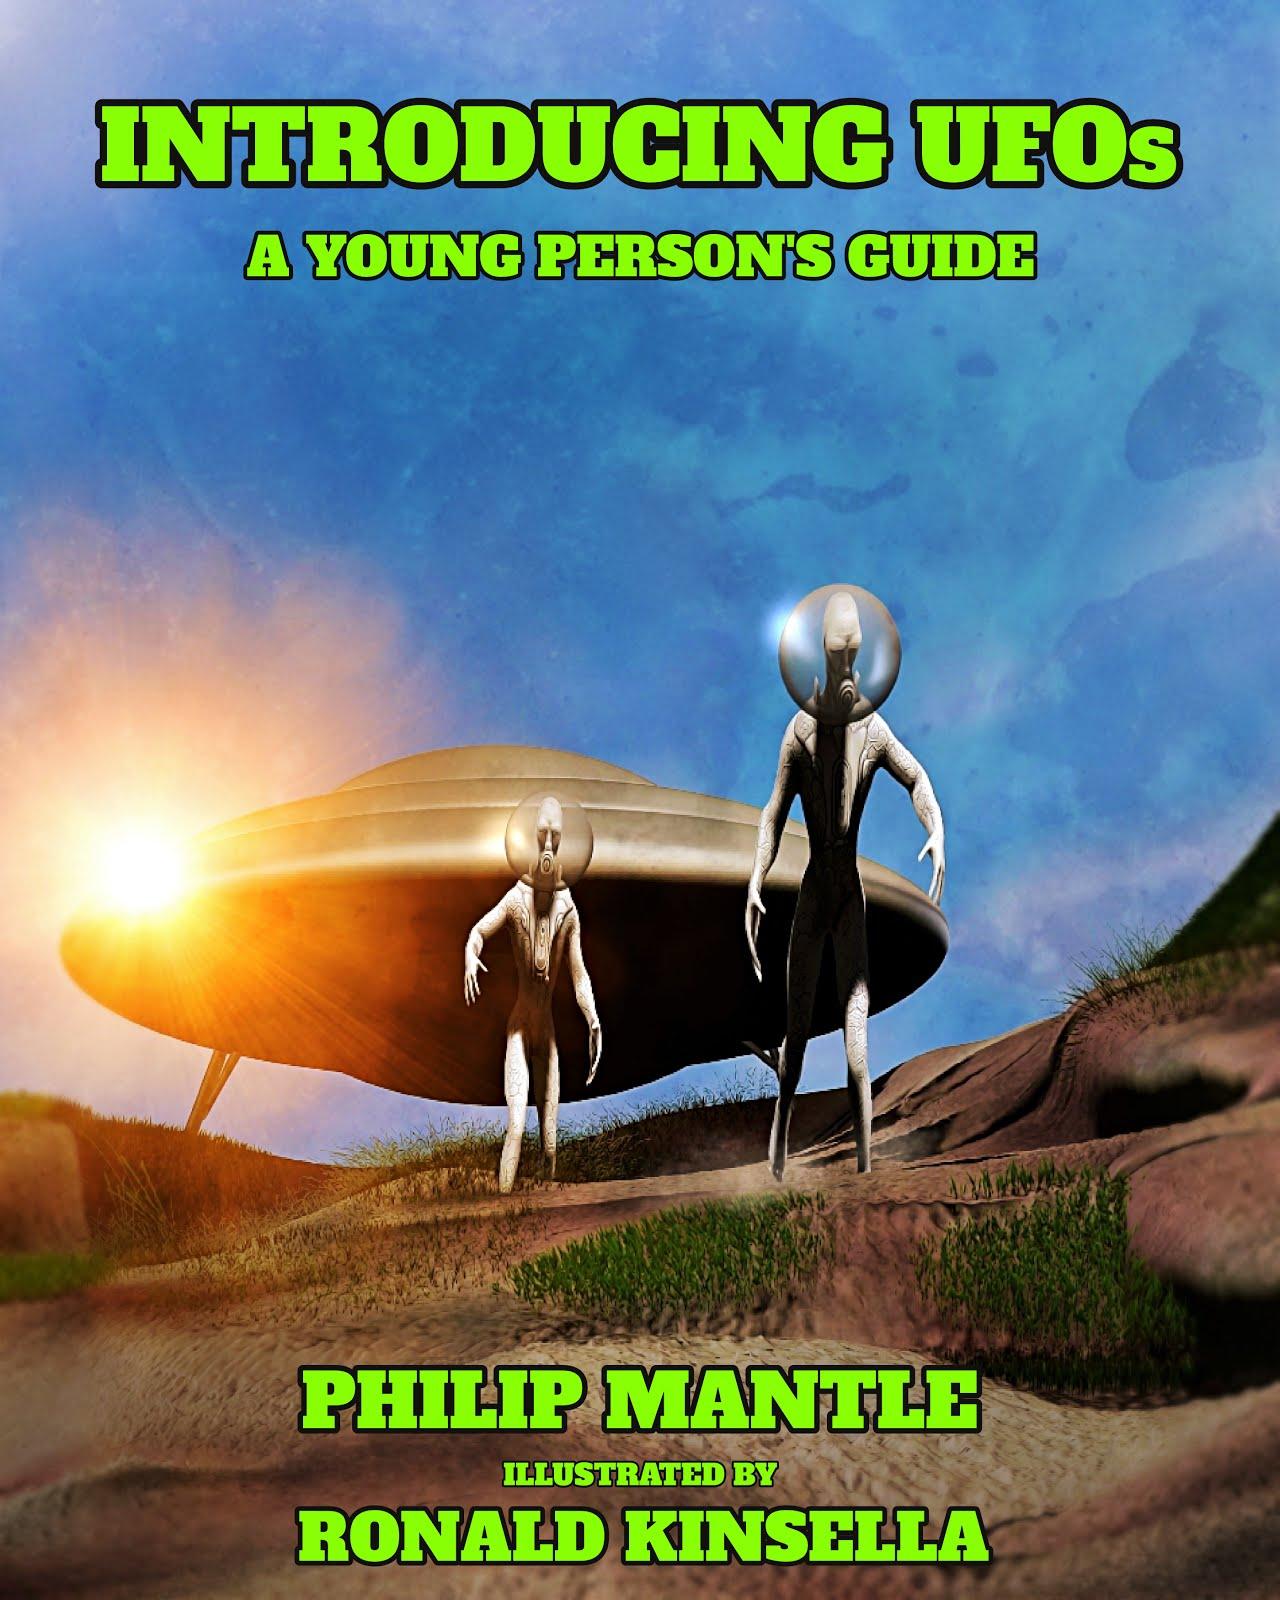 INTRODUCING UFOs